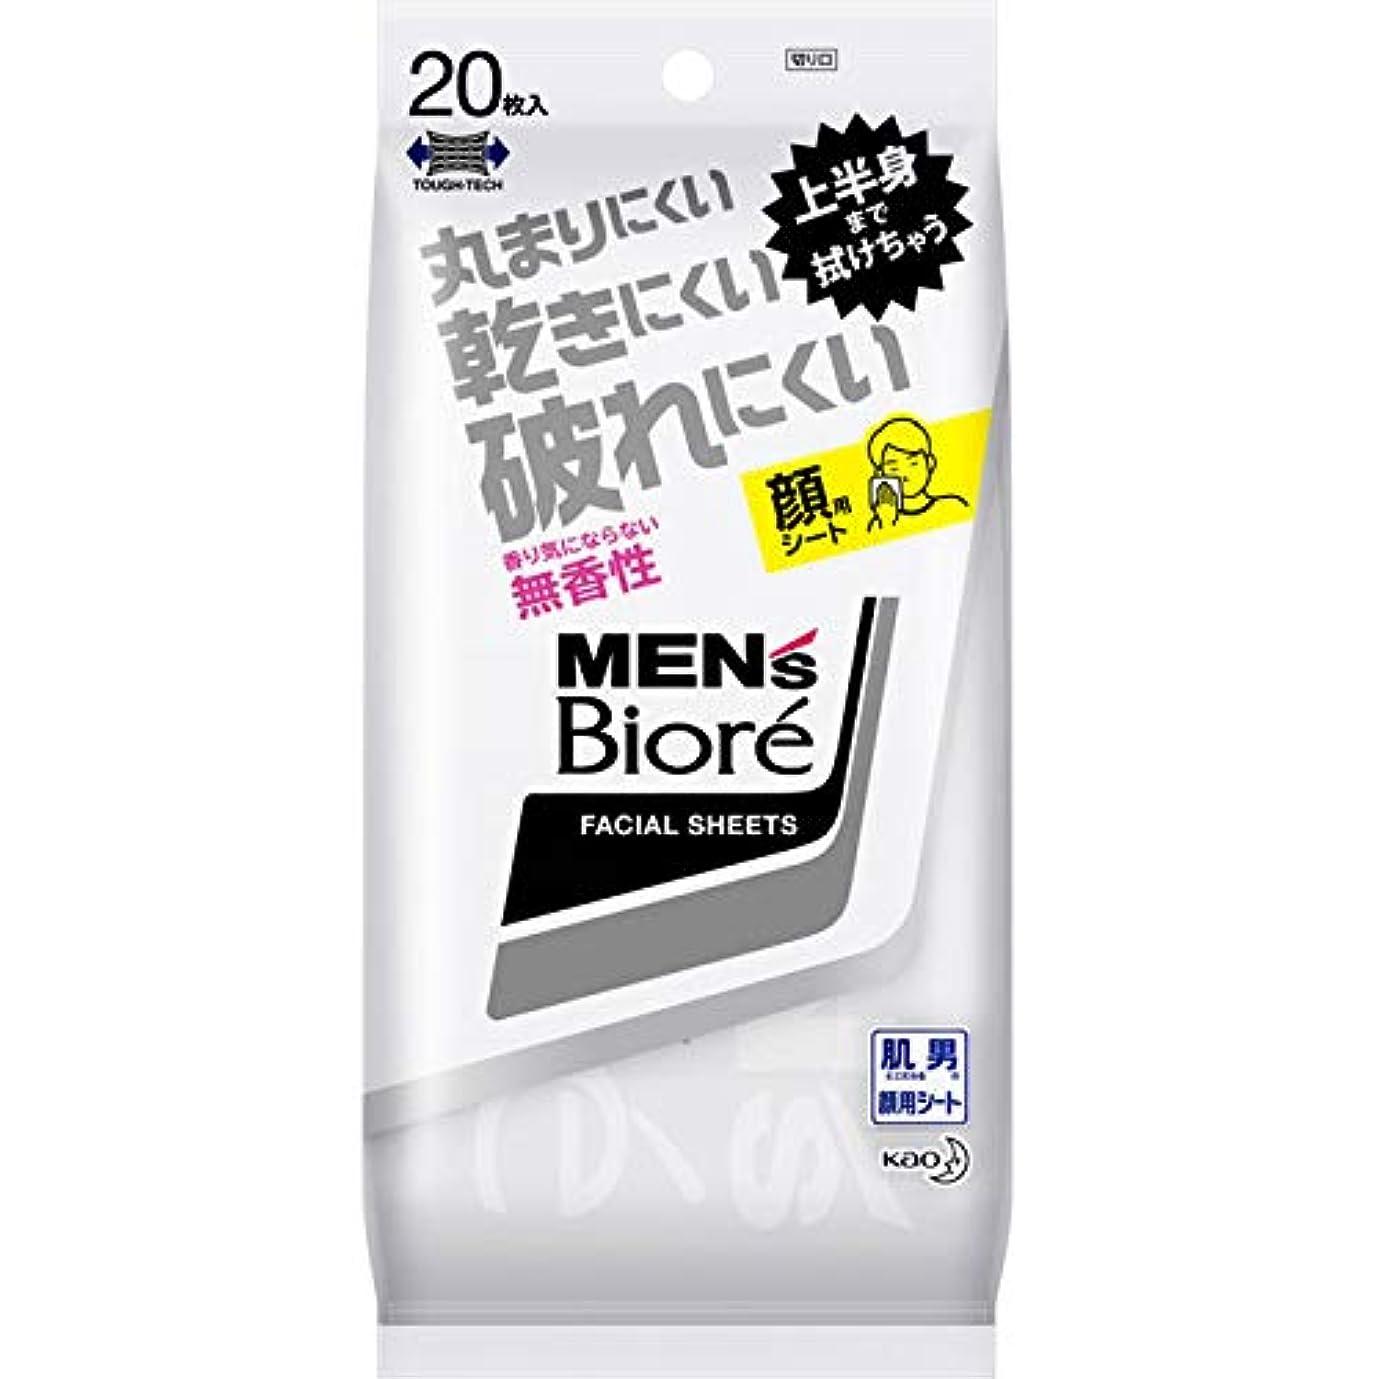 レンディション財布重要な役割を果たす、中心的な手段となる花王 メンズビオレ 洗顔シート 香り気にならない無香性 携帯用 (20枚入) ビオレ フェイスシート